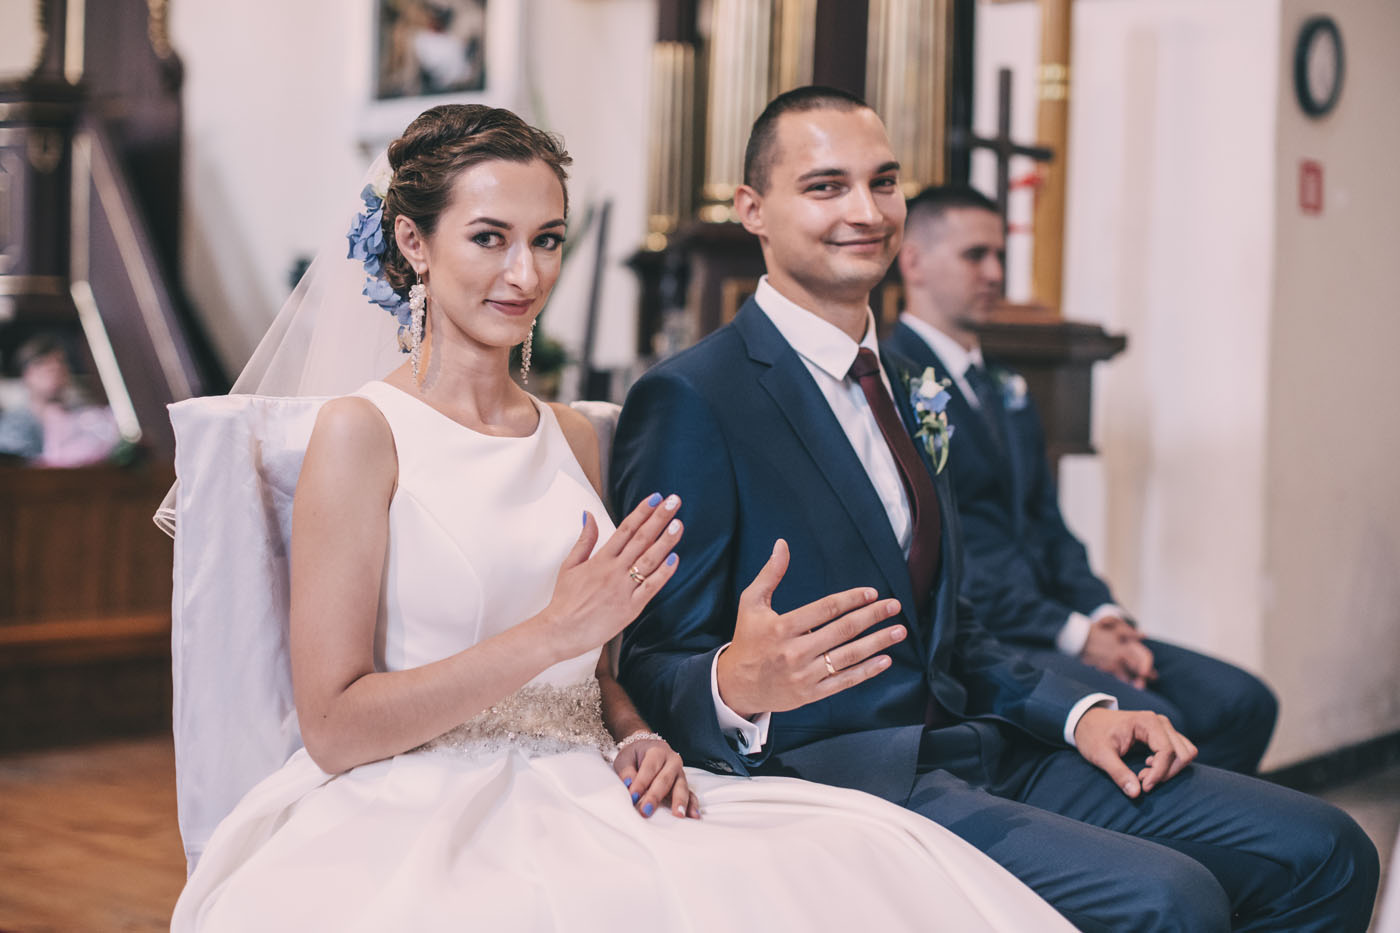 reportaż ślubny w stylu glamour fotograf ślubny Warszawa